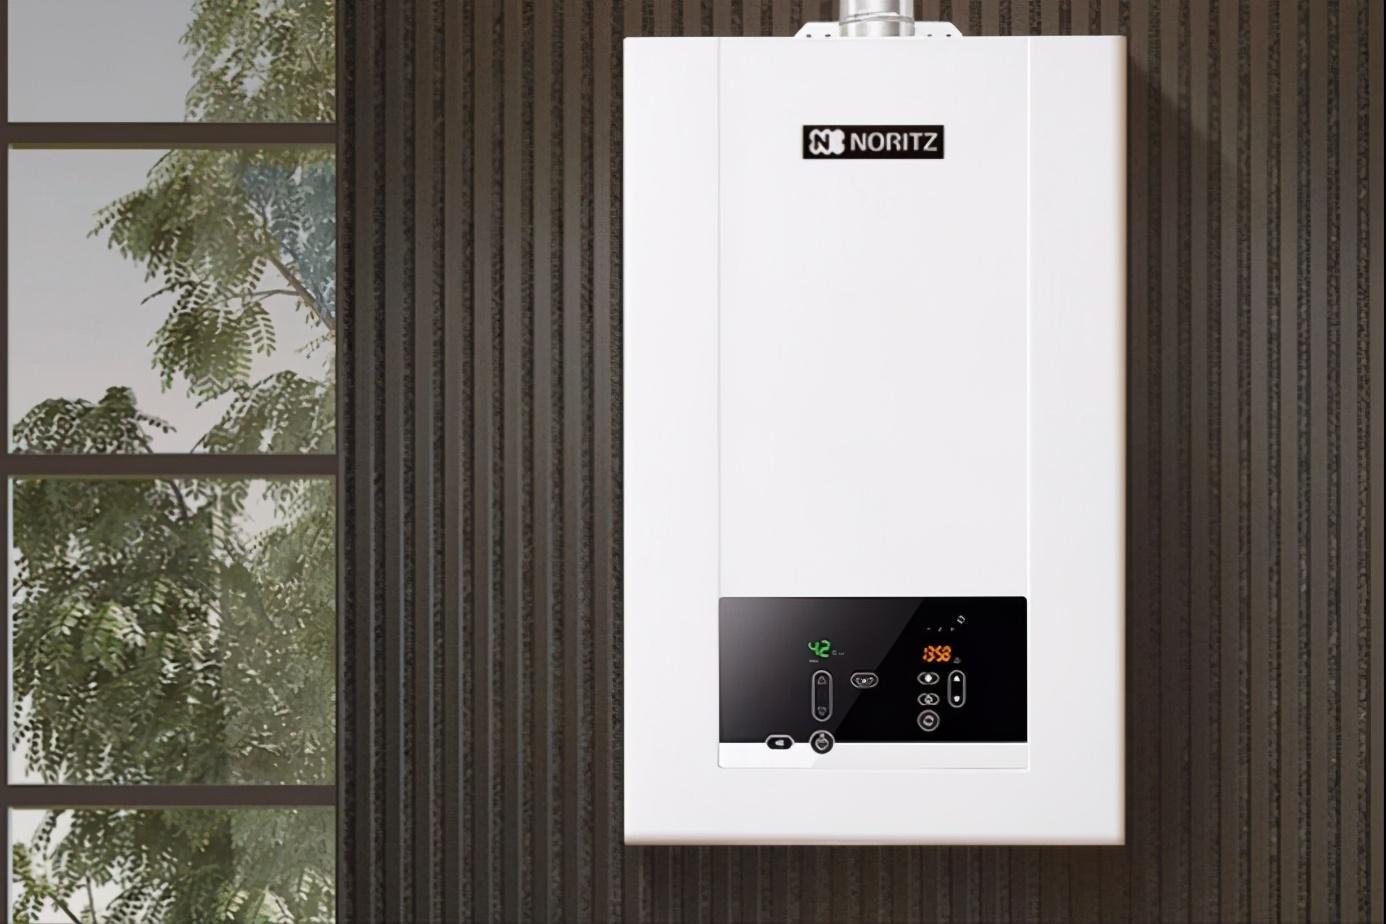 零冷水燃气热水器是真的好用吗?还是叫交智商税